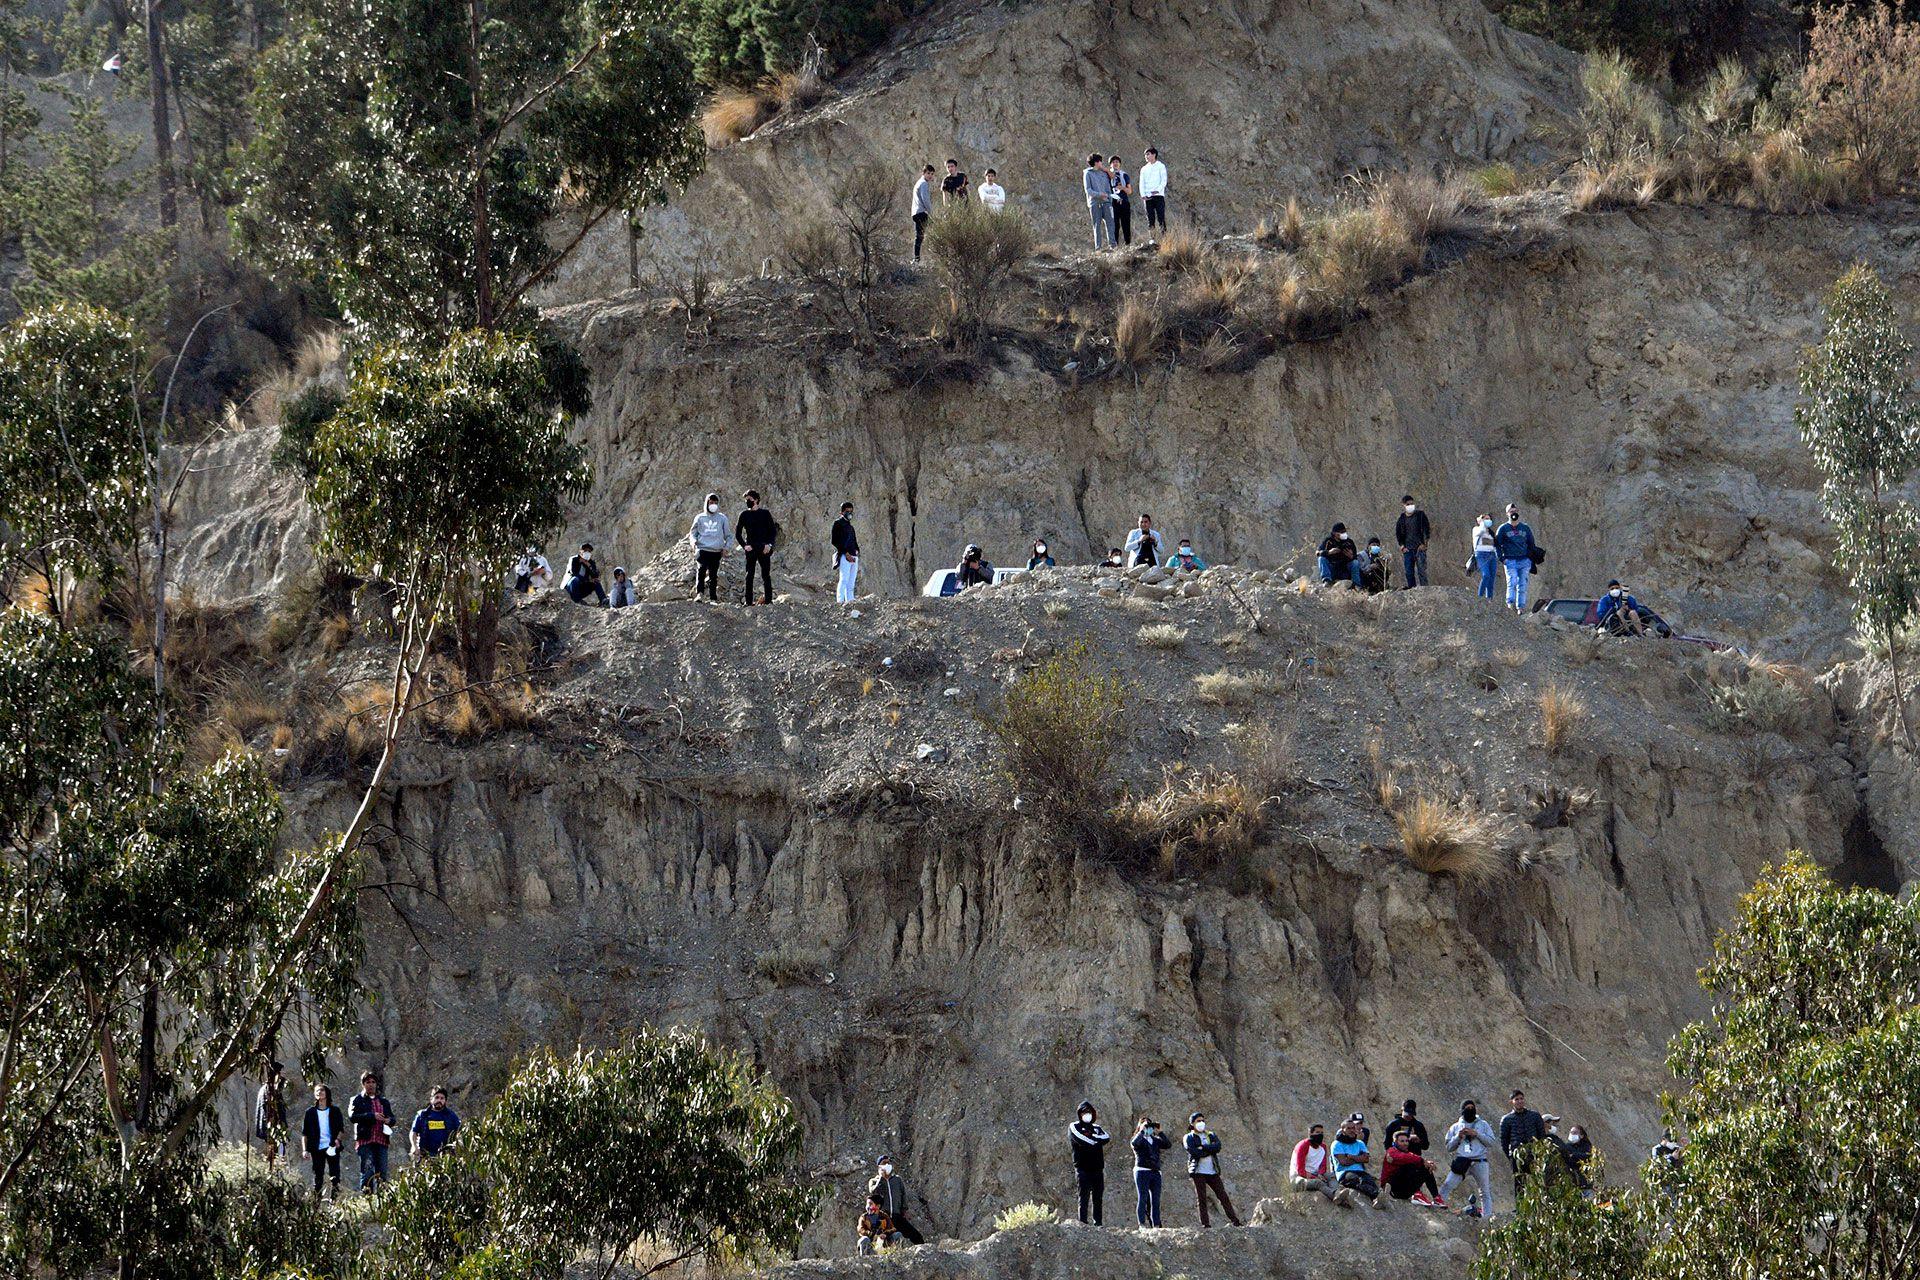 entrenamiento de la seleccion argentina en bolivia la paz